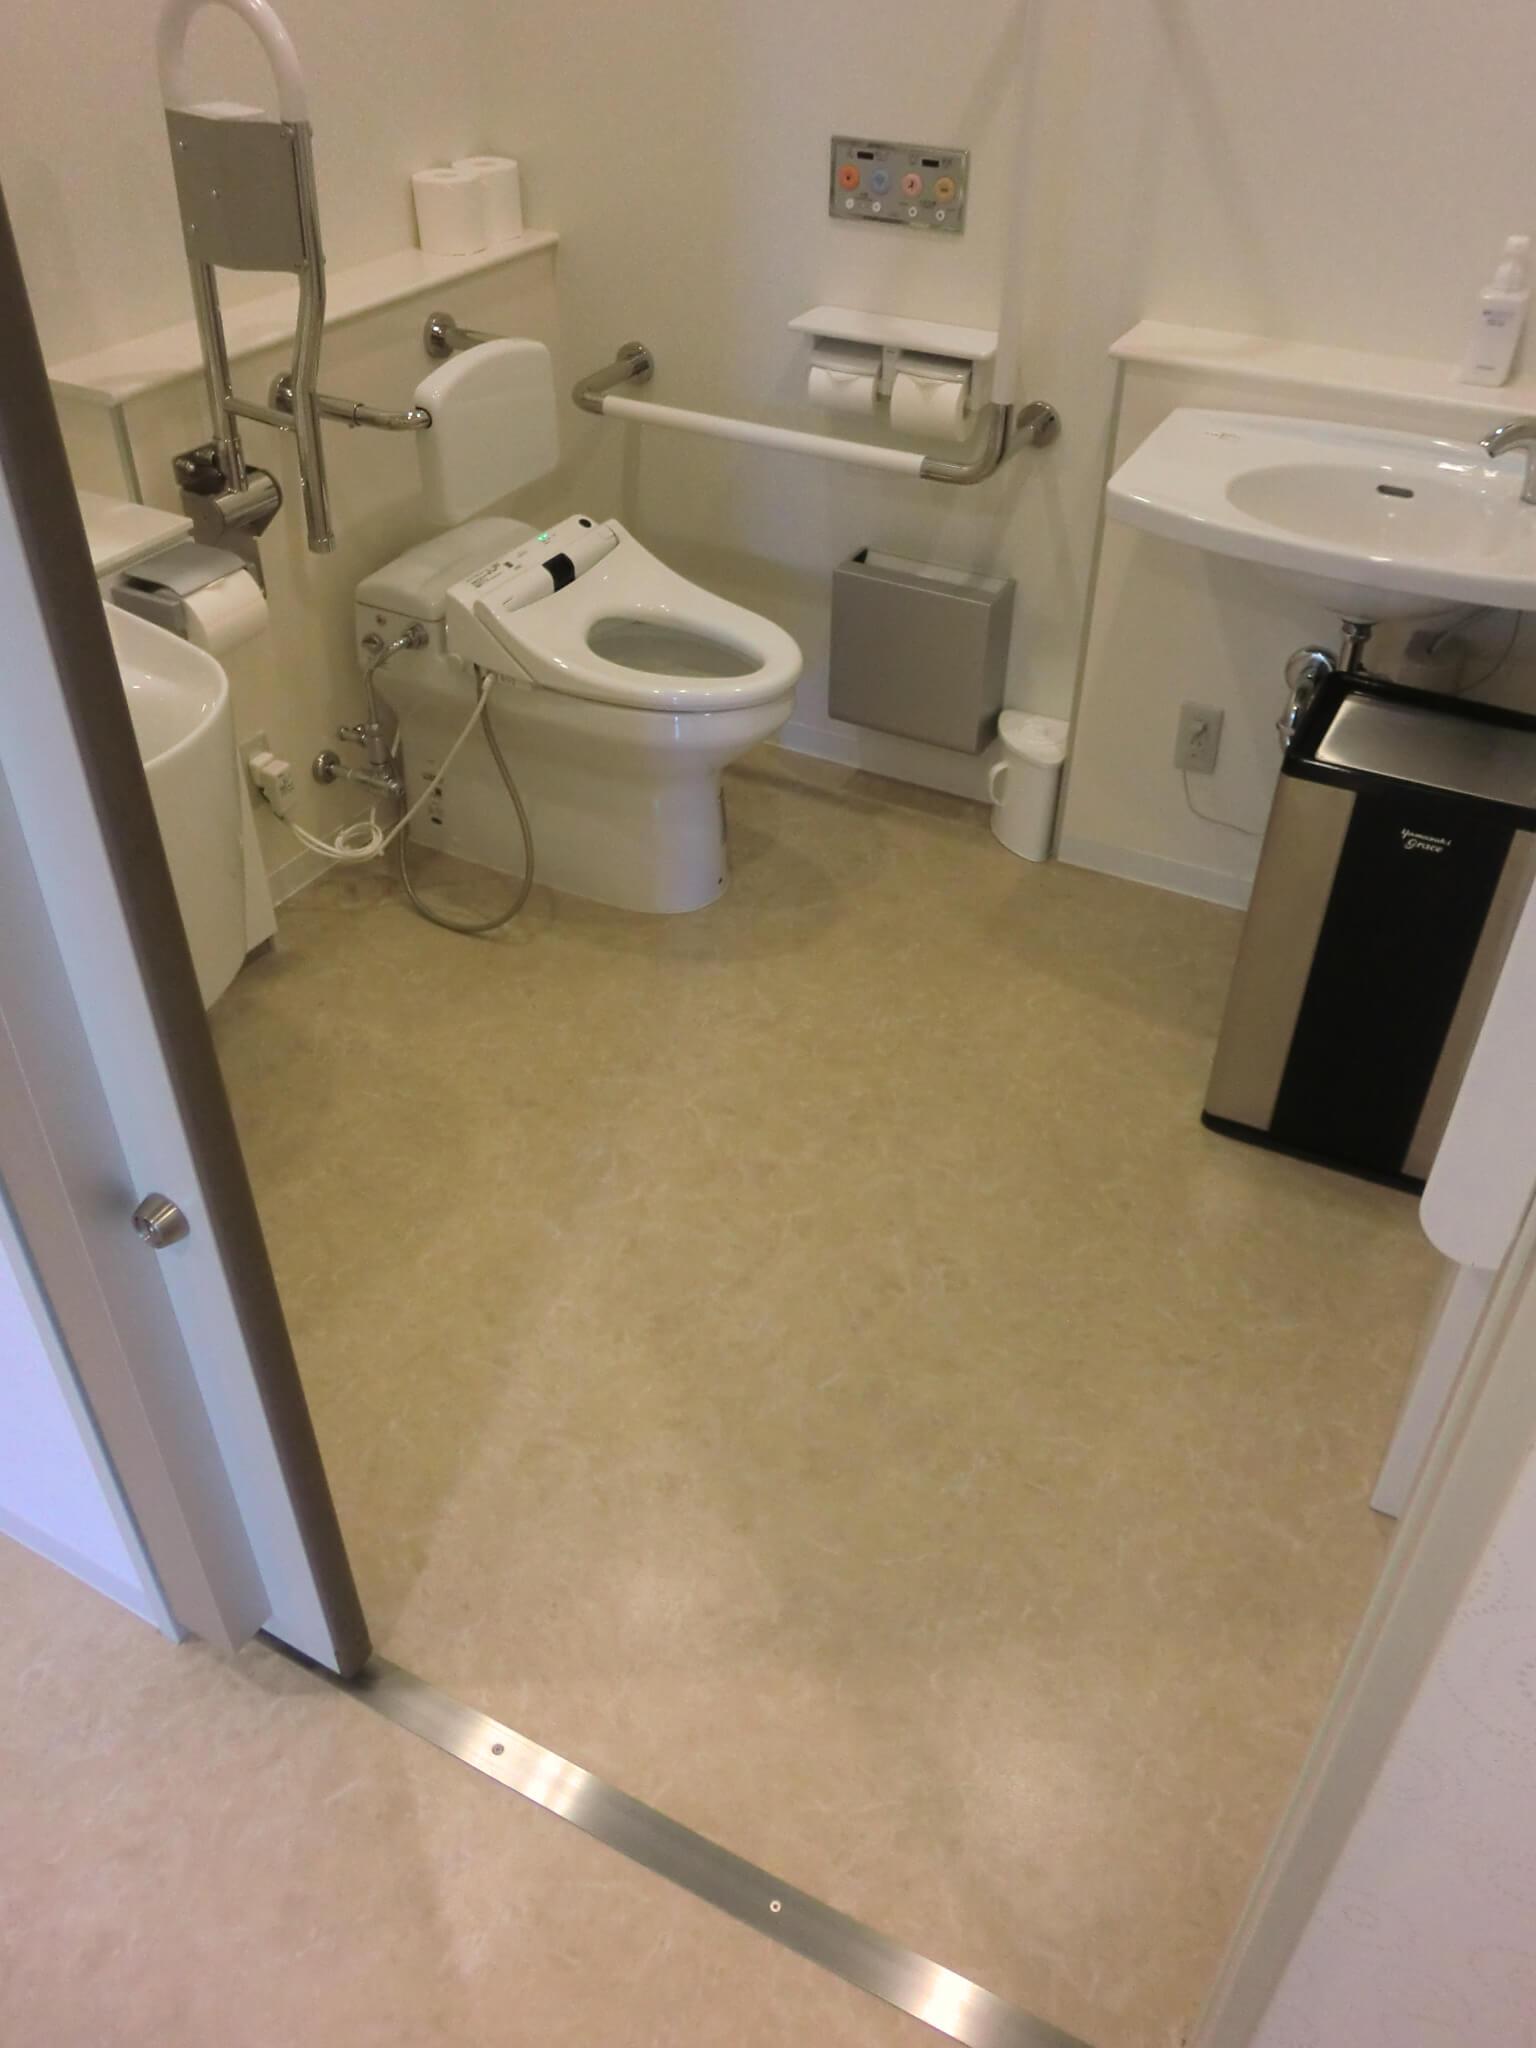 1階車いす用トイレの画像 クリック・Enterで拡大